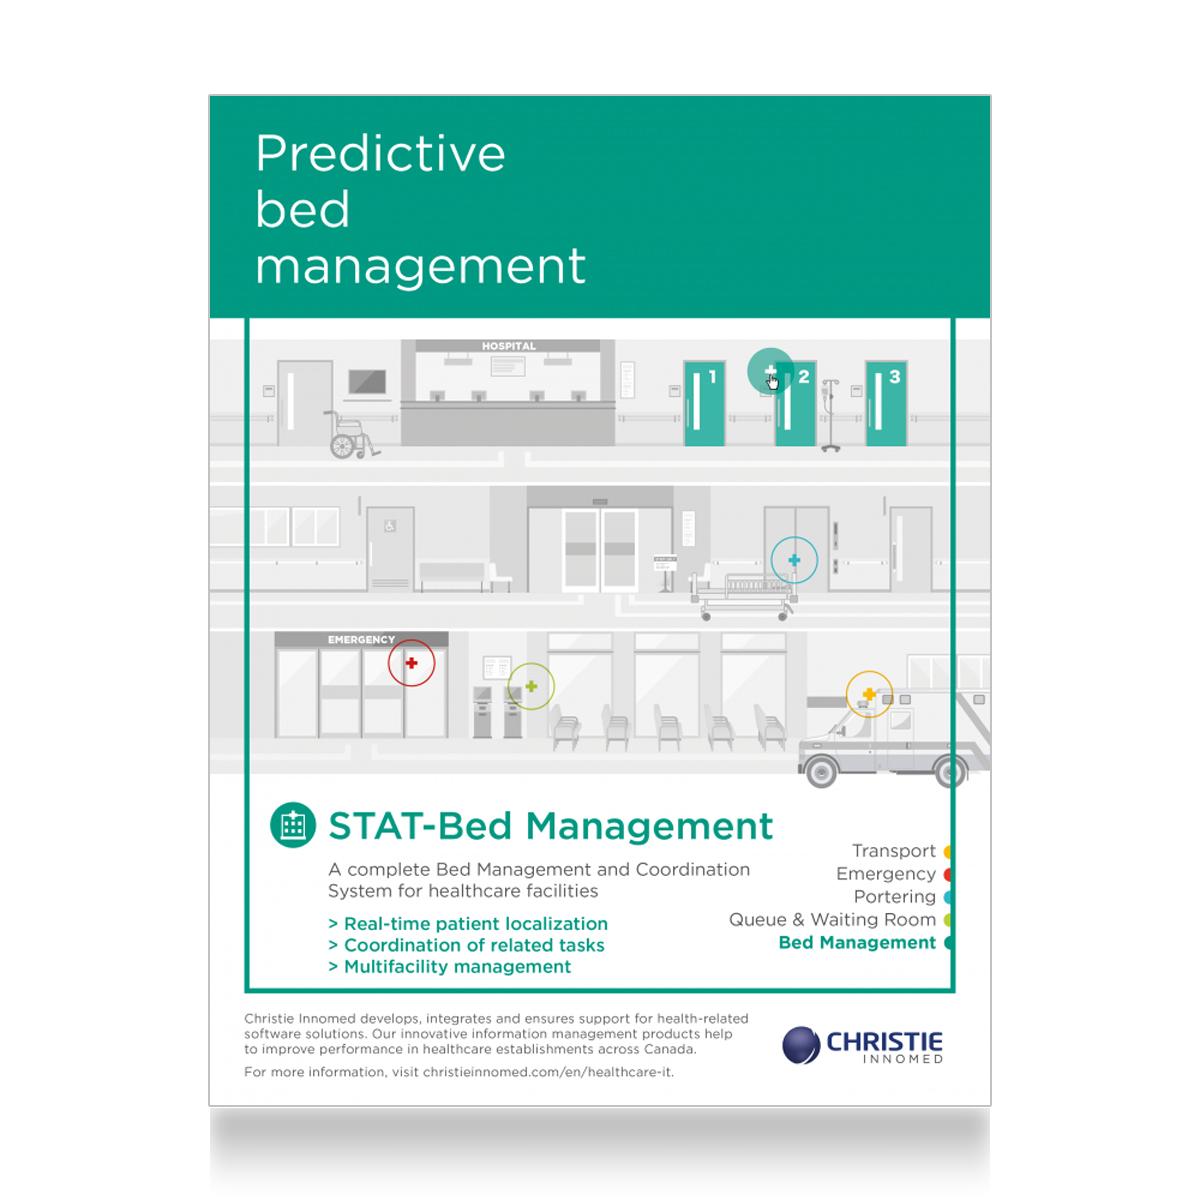 stat-bed-management-2-en